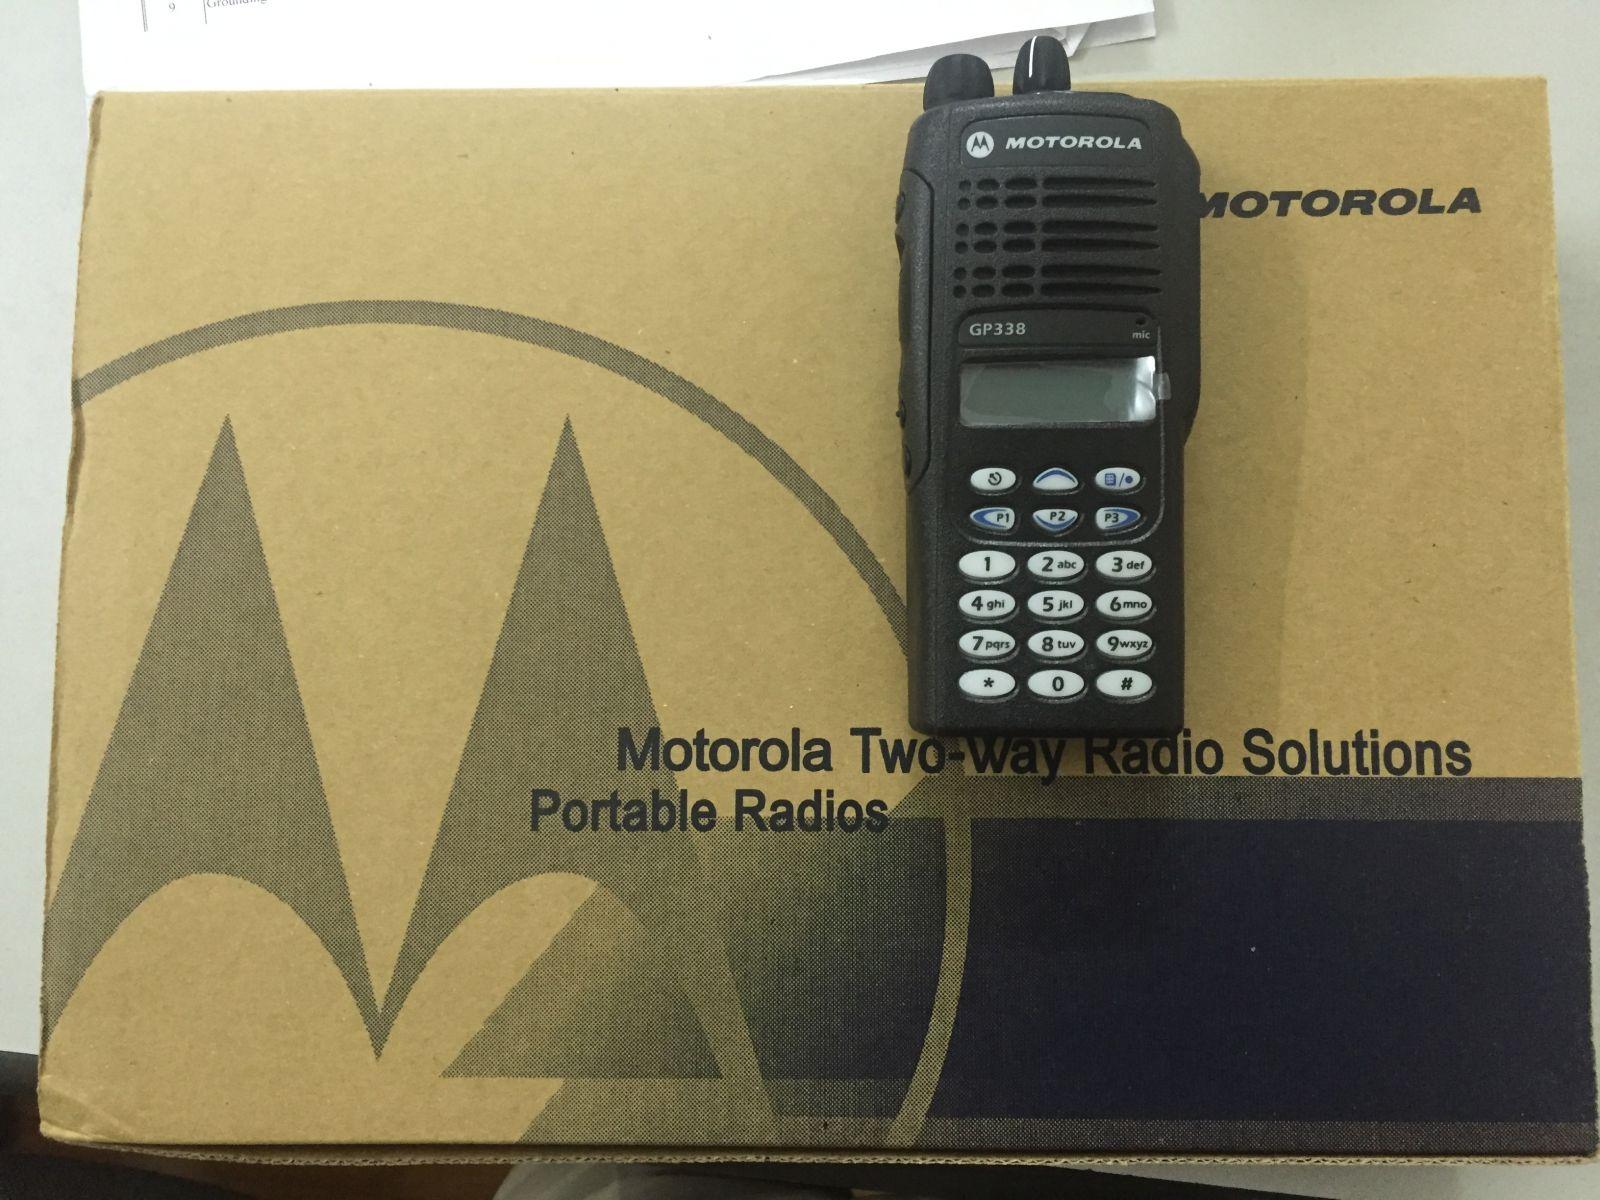 Motorola GP338 Giả/Nhái Trên Thị Trường